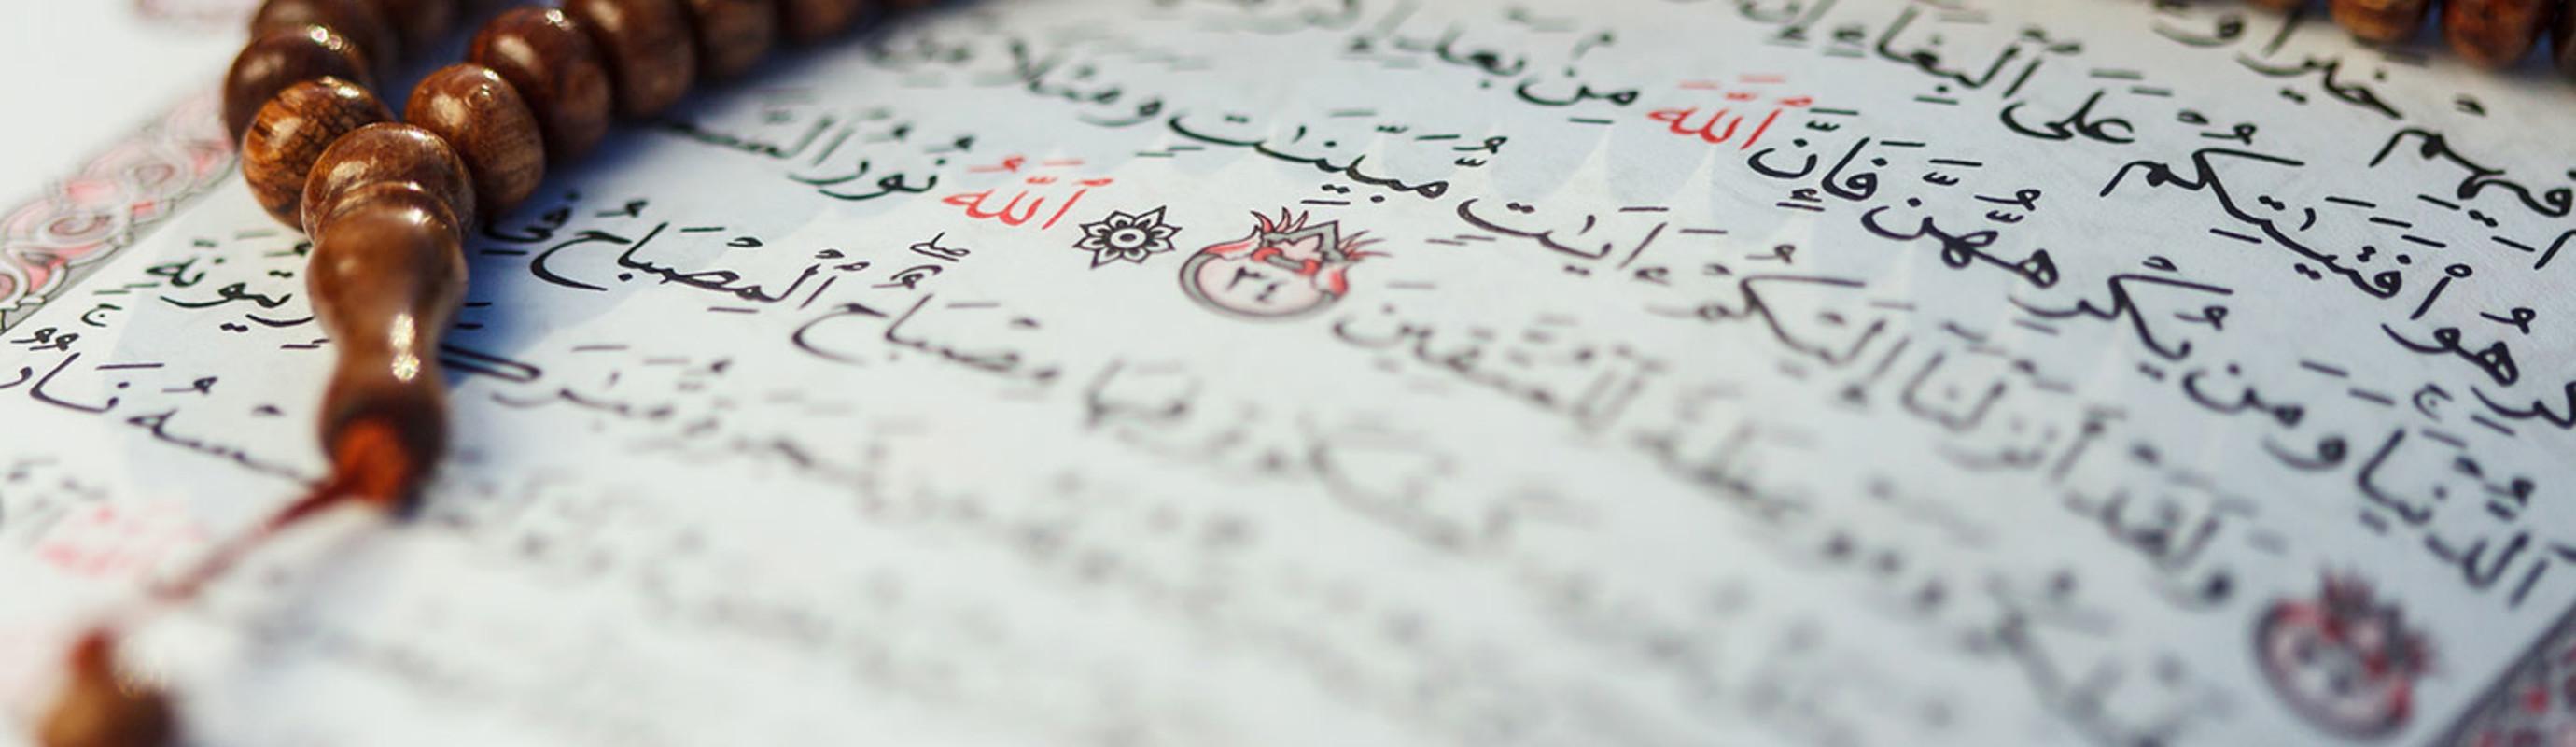 Holy Quran - tafsir series, episode 1.